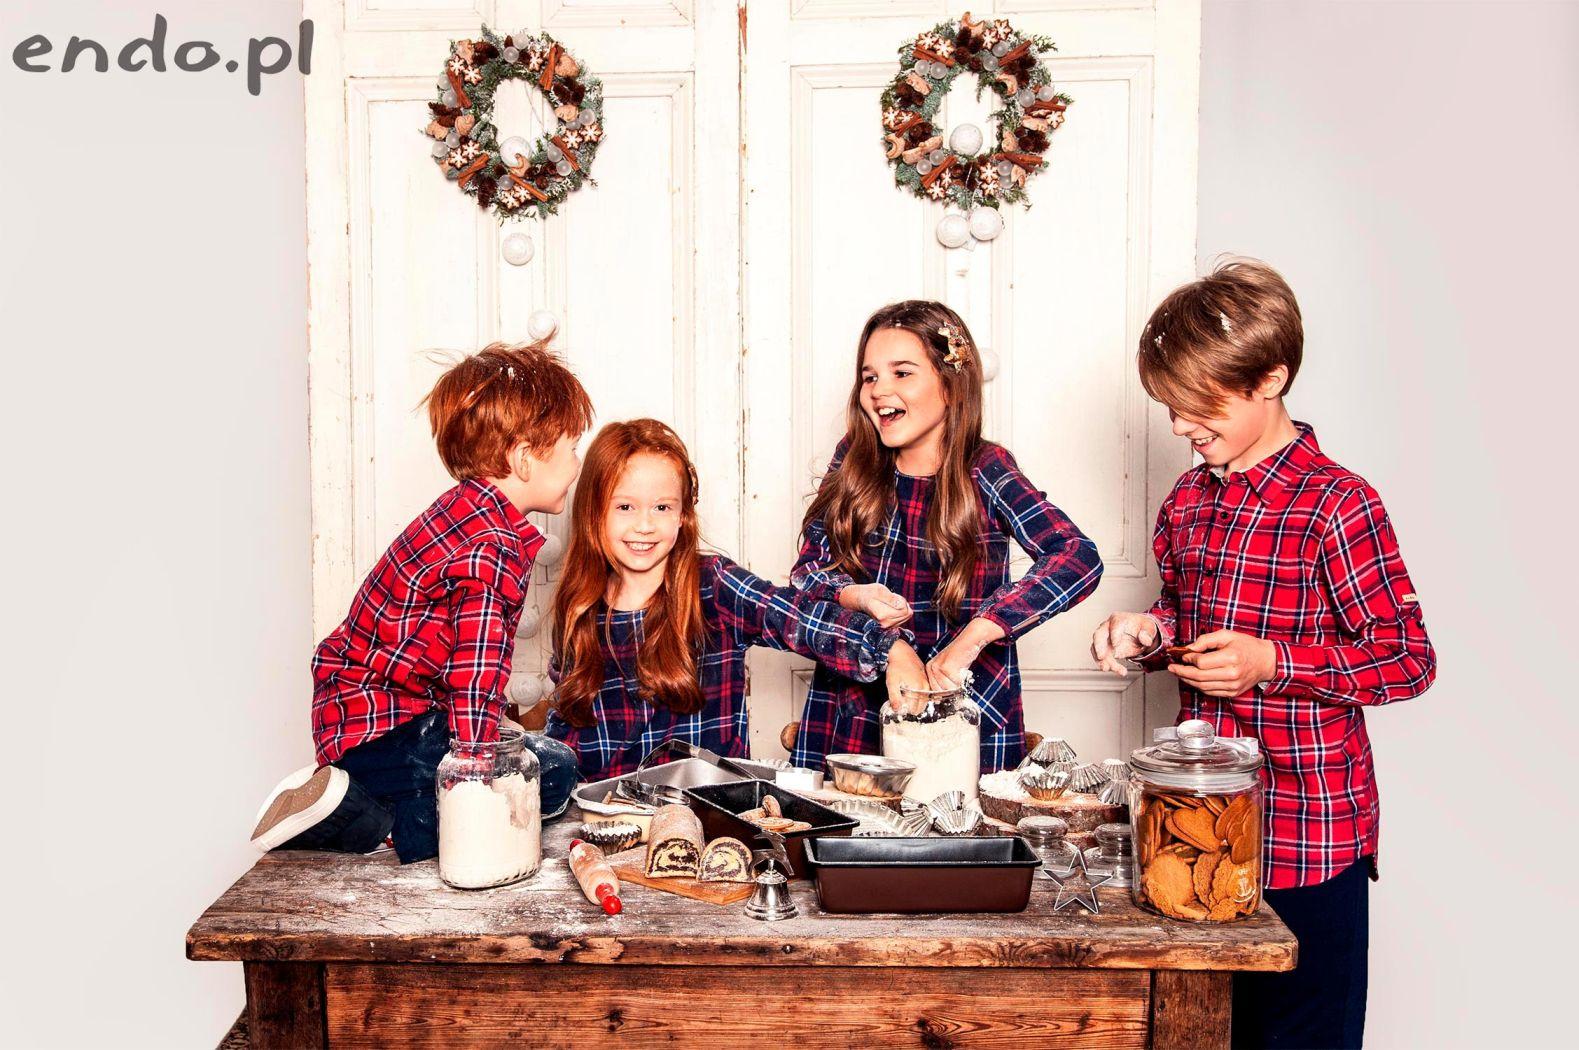 Coraz bliżej Święta - Endo odkrywa bożonarodzeniowe tajemnice!